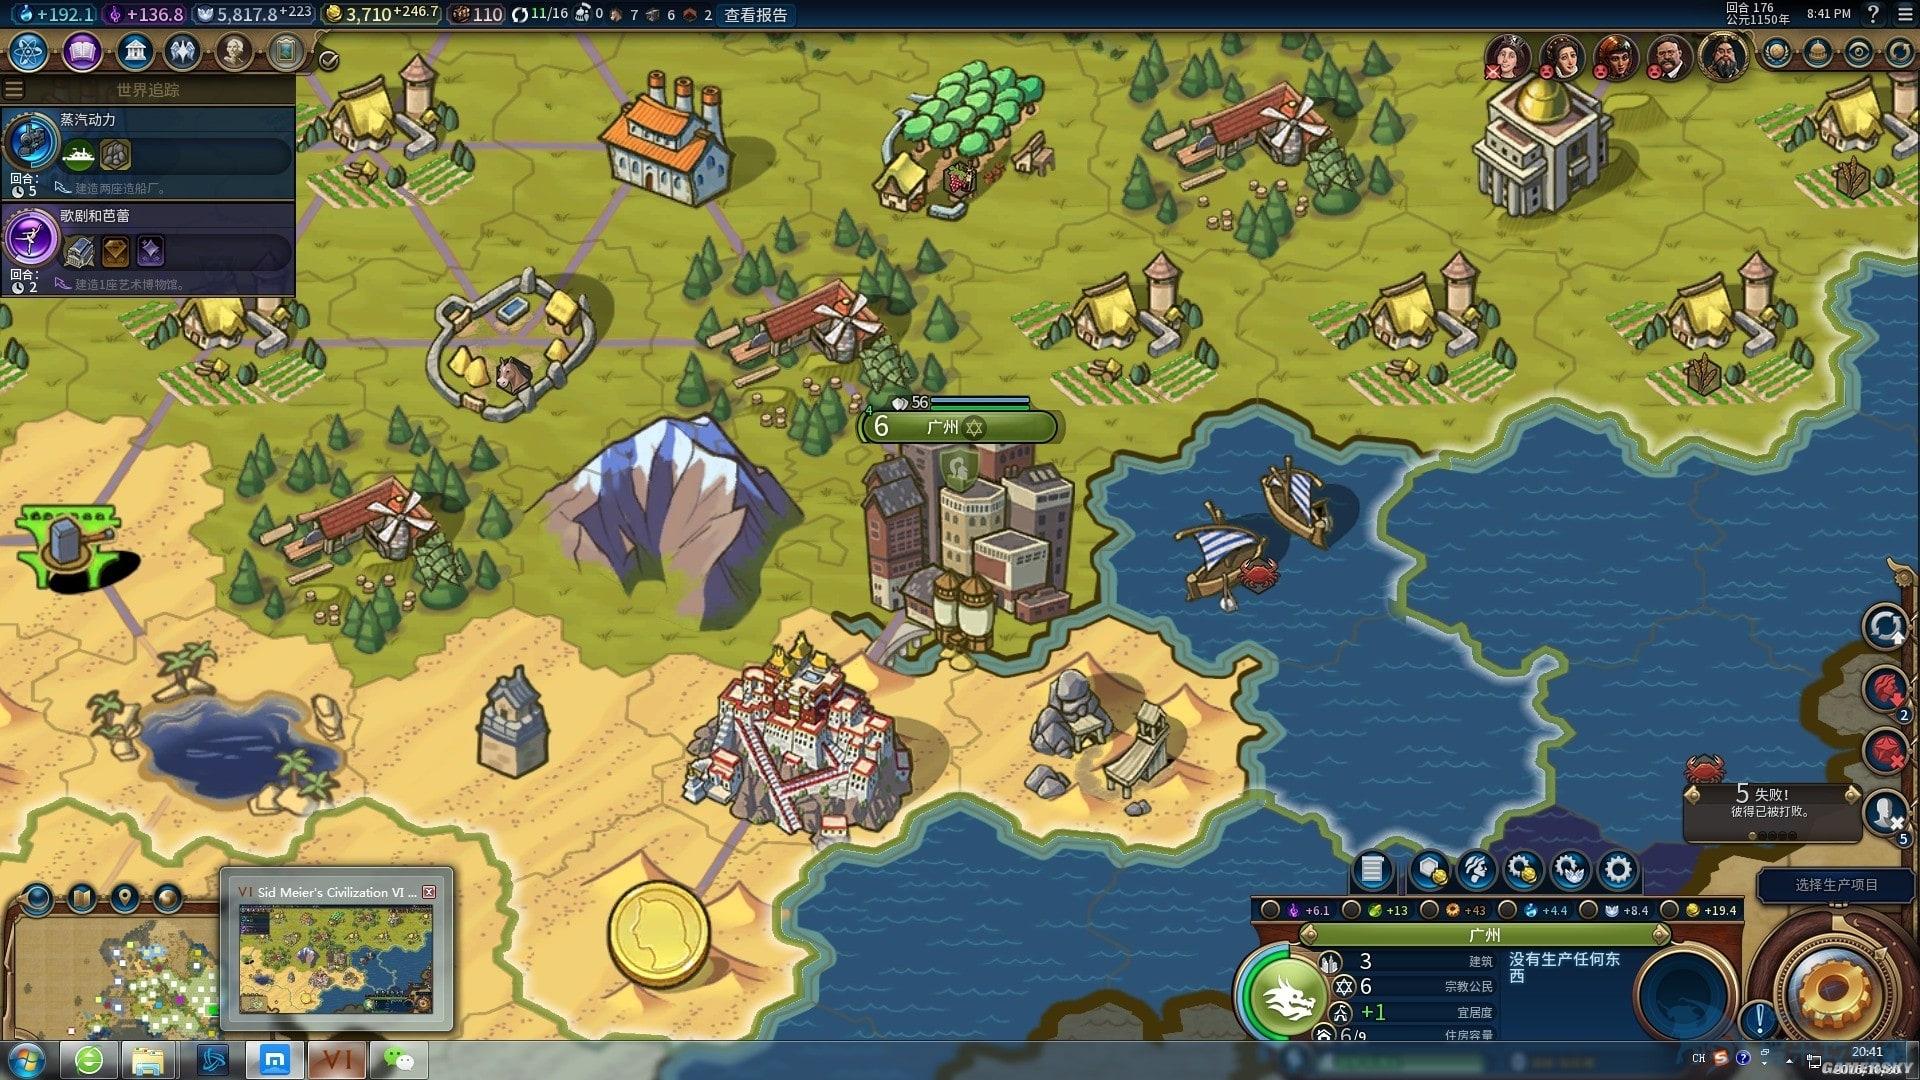 文明帝國 6 宗教勝利玩法攻略 宗教勝利怎麼玩